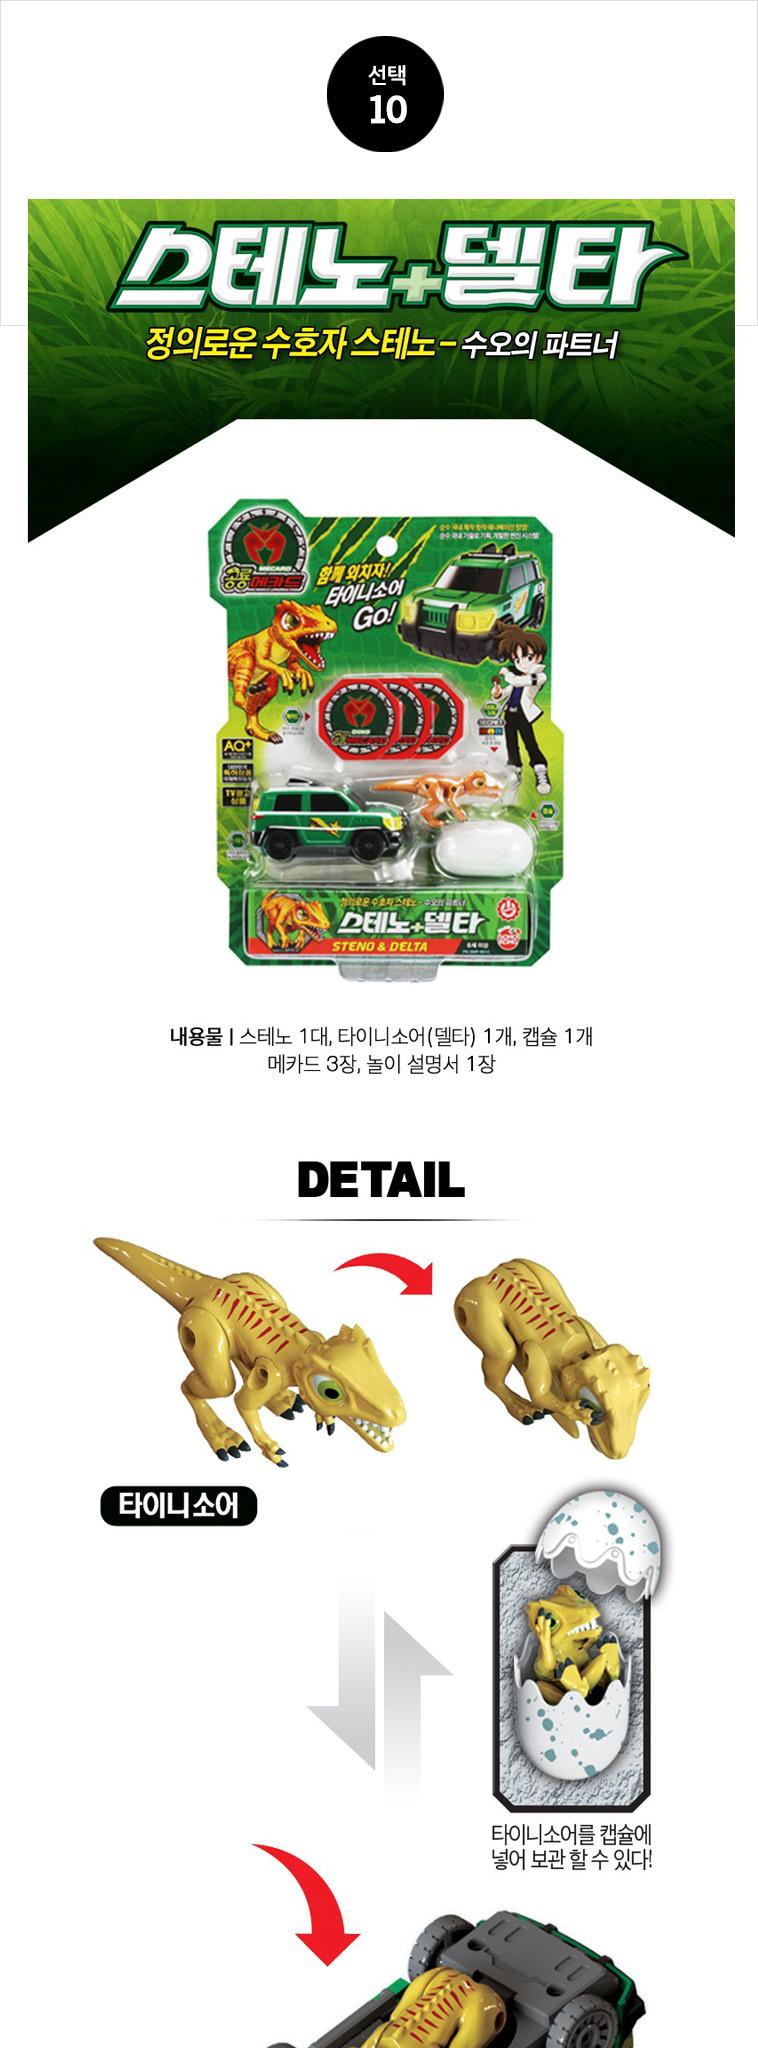 공룡메카드 타이니소어 특가대표 위메프